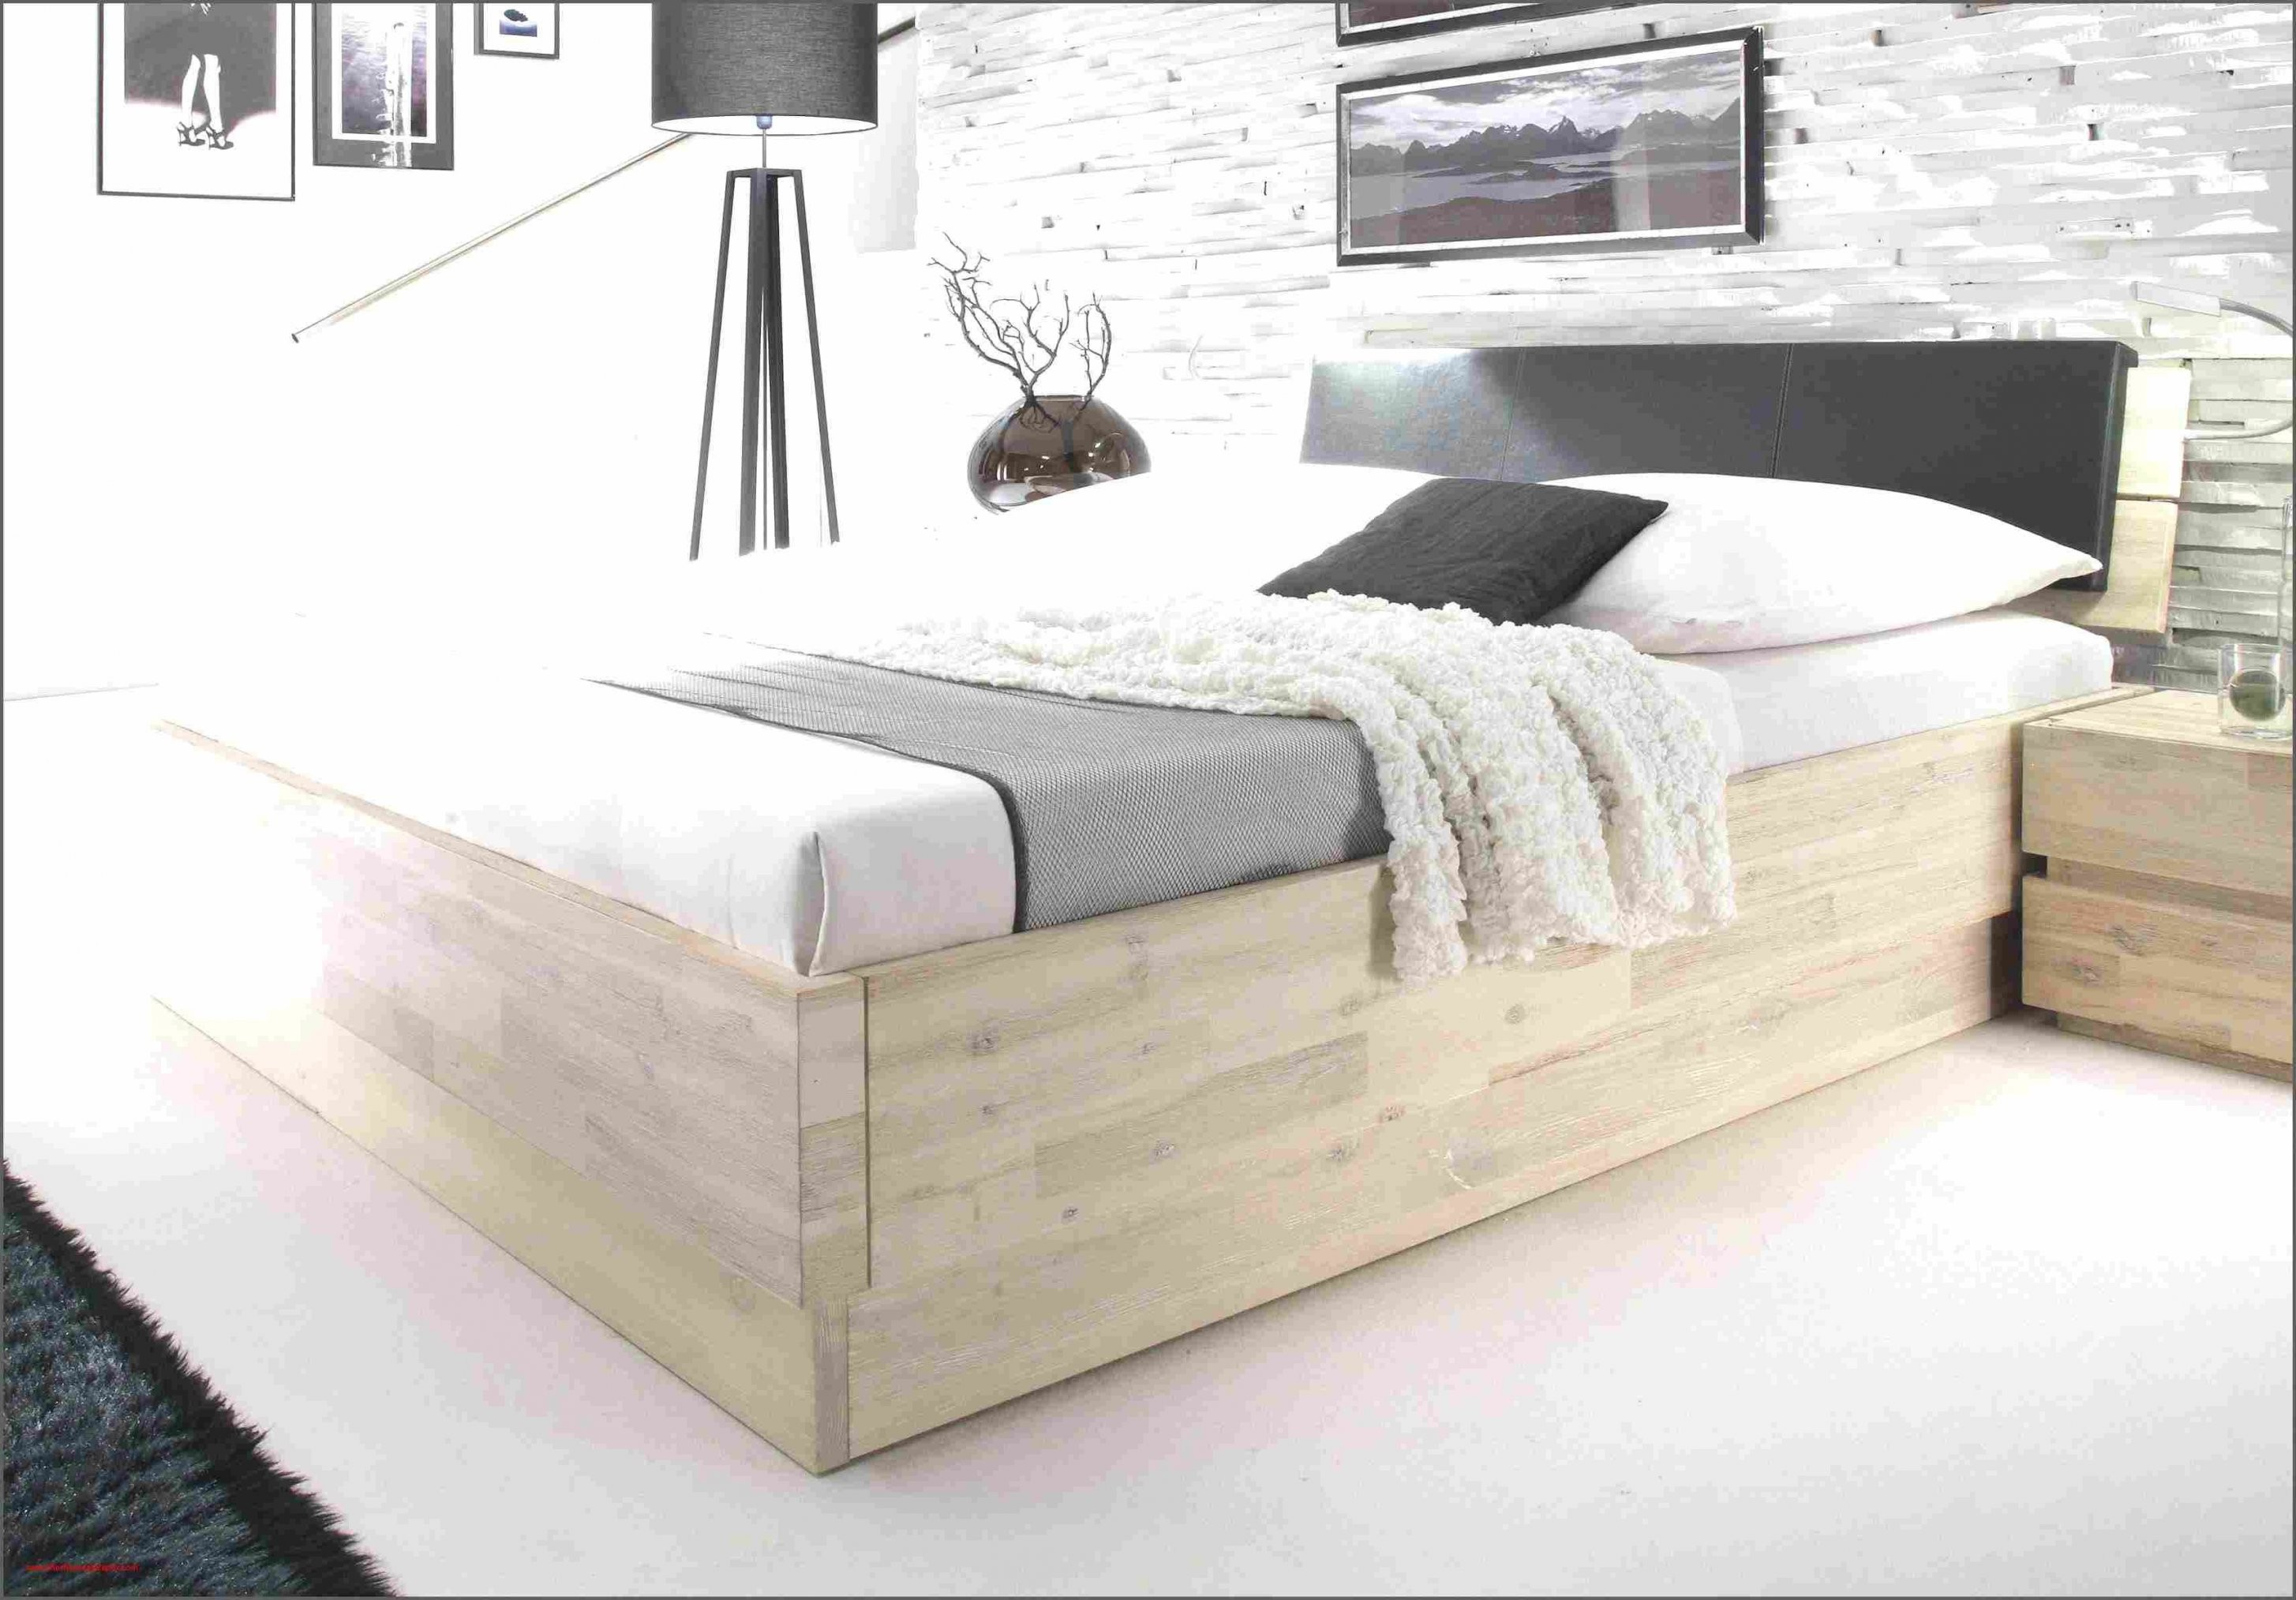 Zeitgenössisch Bett 180X200 Komforthöhe Komforthohe 180 200 Best Of von Bett 180X200 Komforthöhe Bild